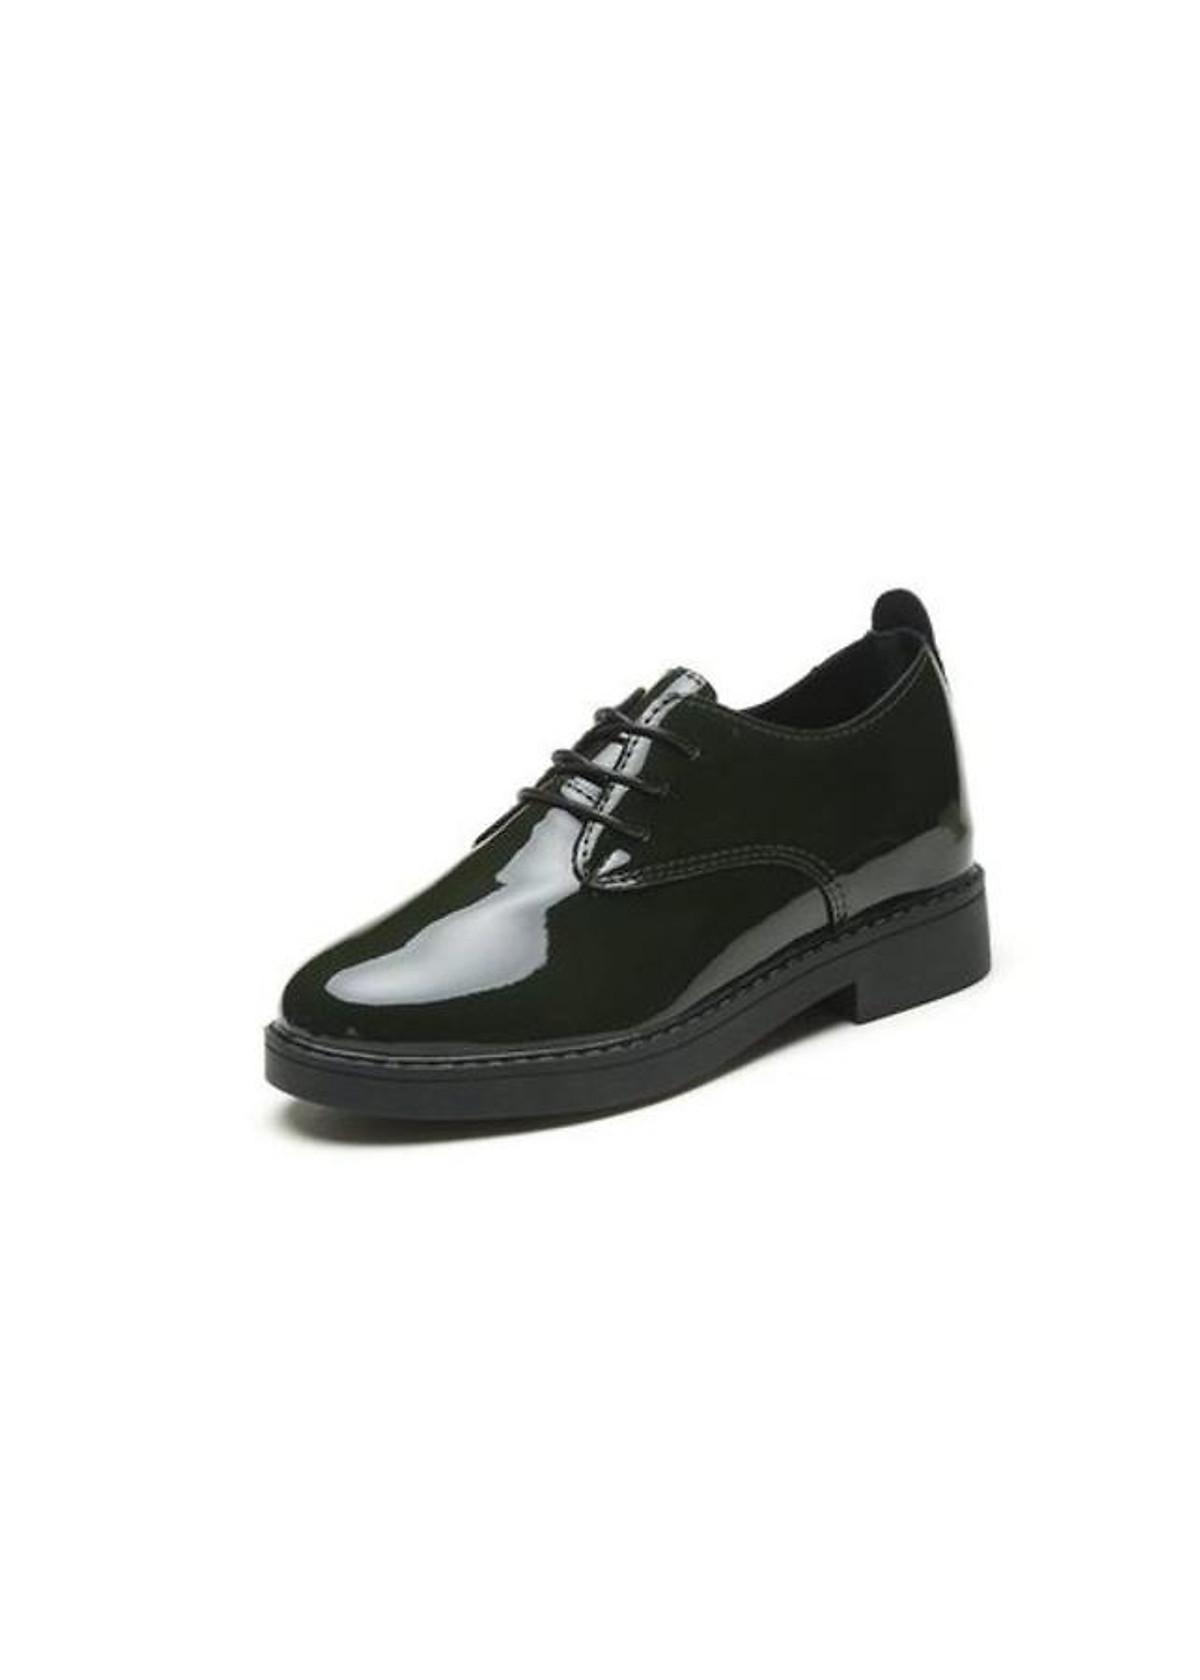 Giày thời trang Oxford M007 - 2